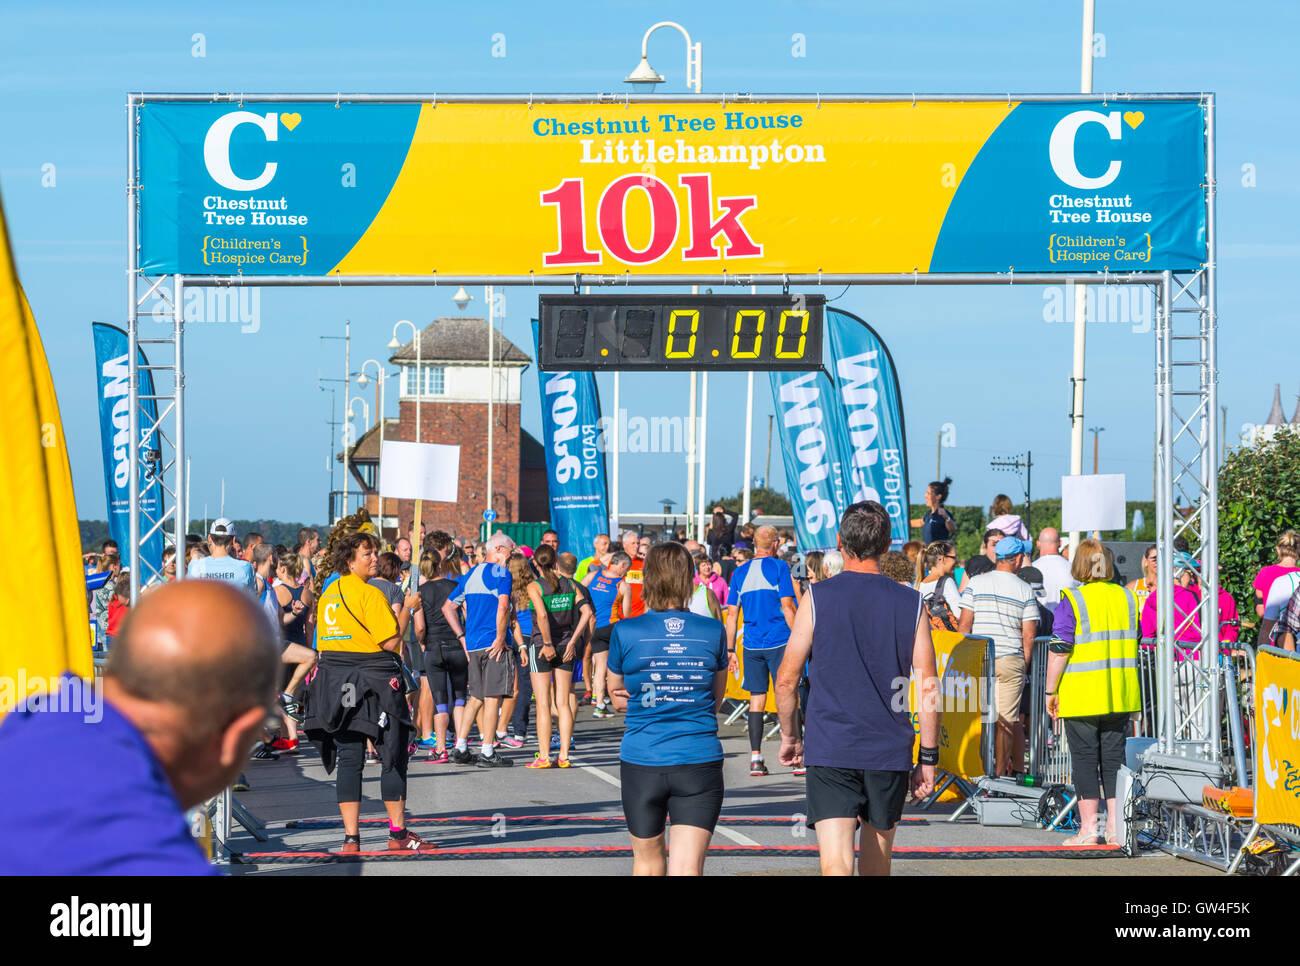 Vor dem Rennen beginnt an der Kastanie Haus 10 k Charity Run 2016 in Chichester, West Sussex, England, UK. Stockbild